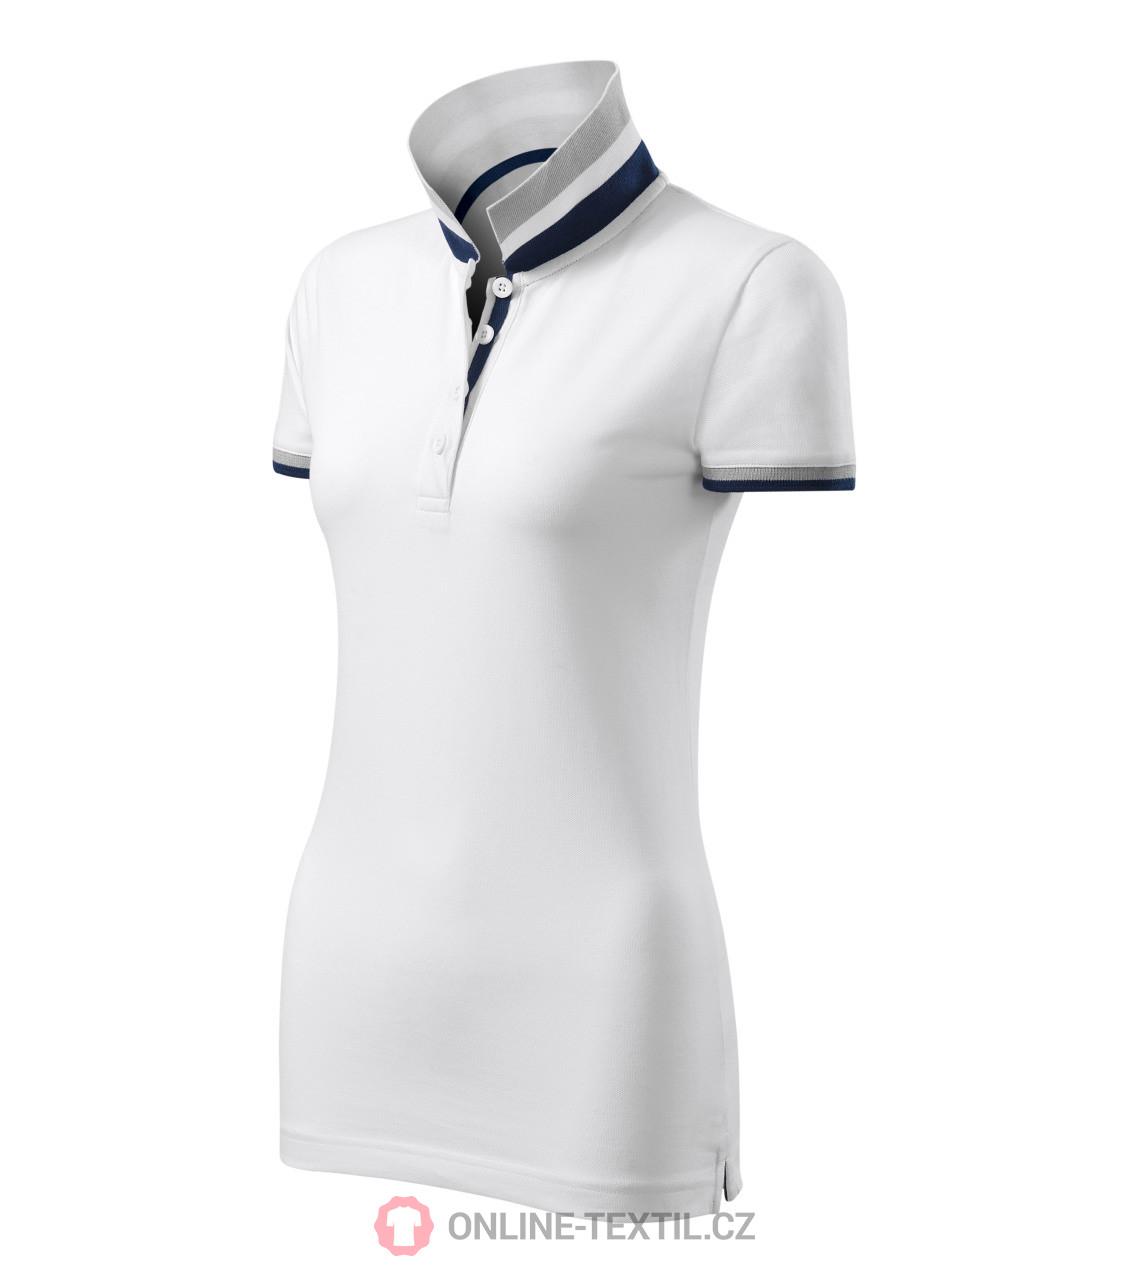 Adler Czech Premium Heavyweight Ladies Polo Shirt Collar Up 257